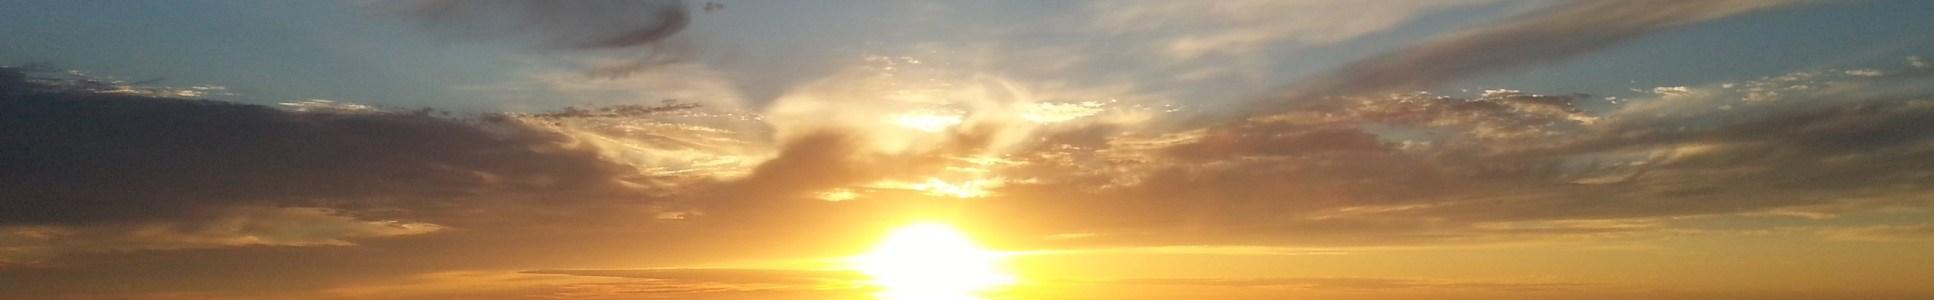 Puesta de Sol en Rota